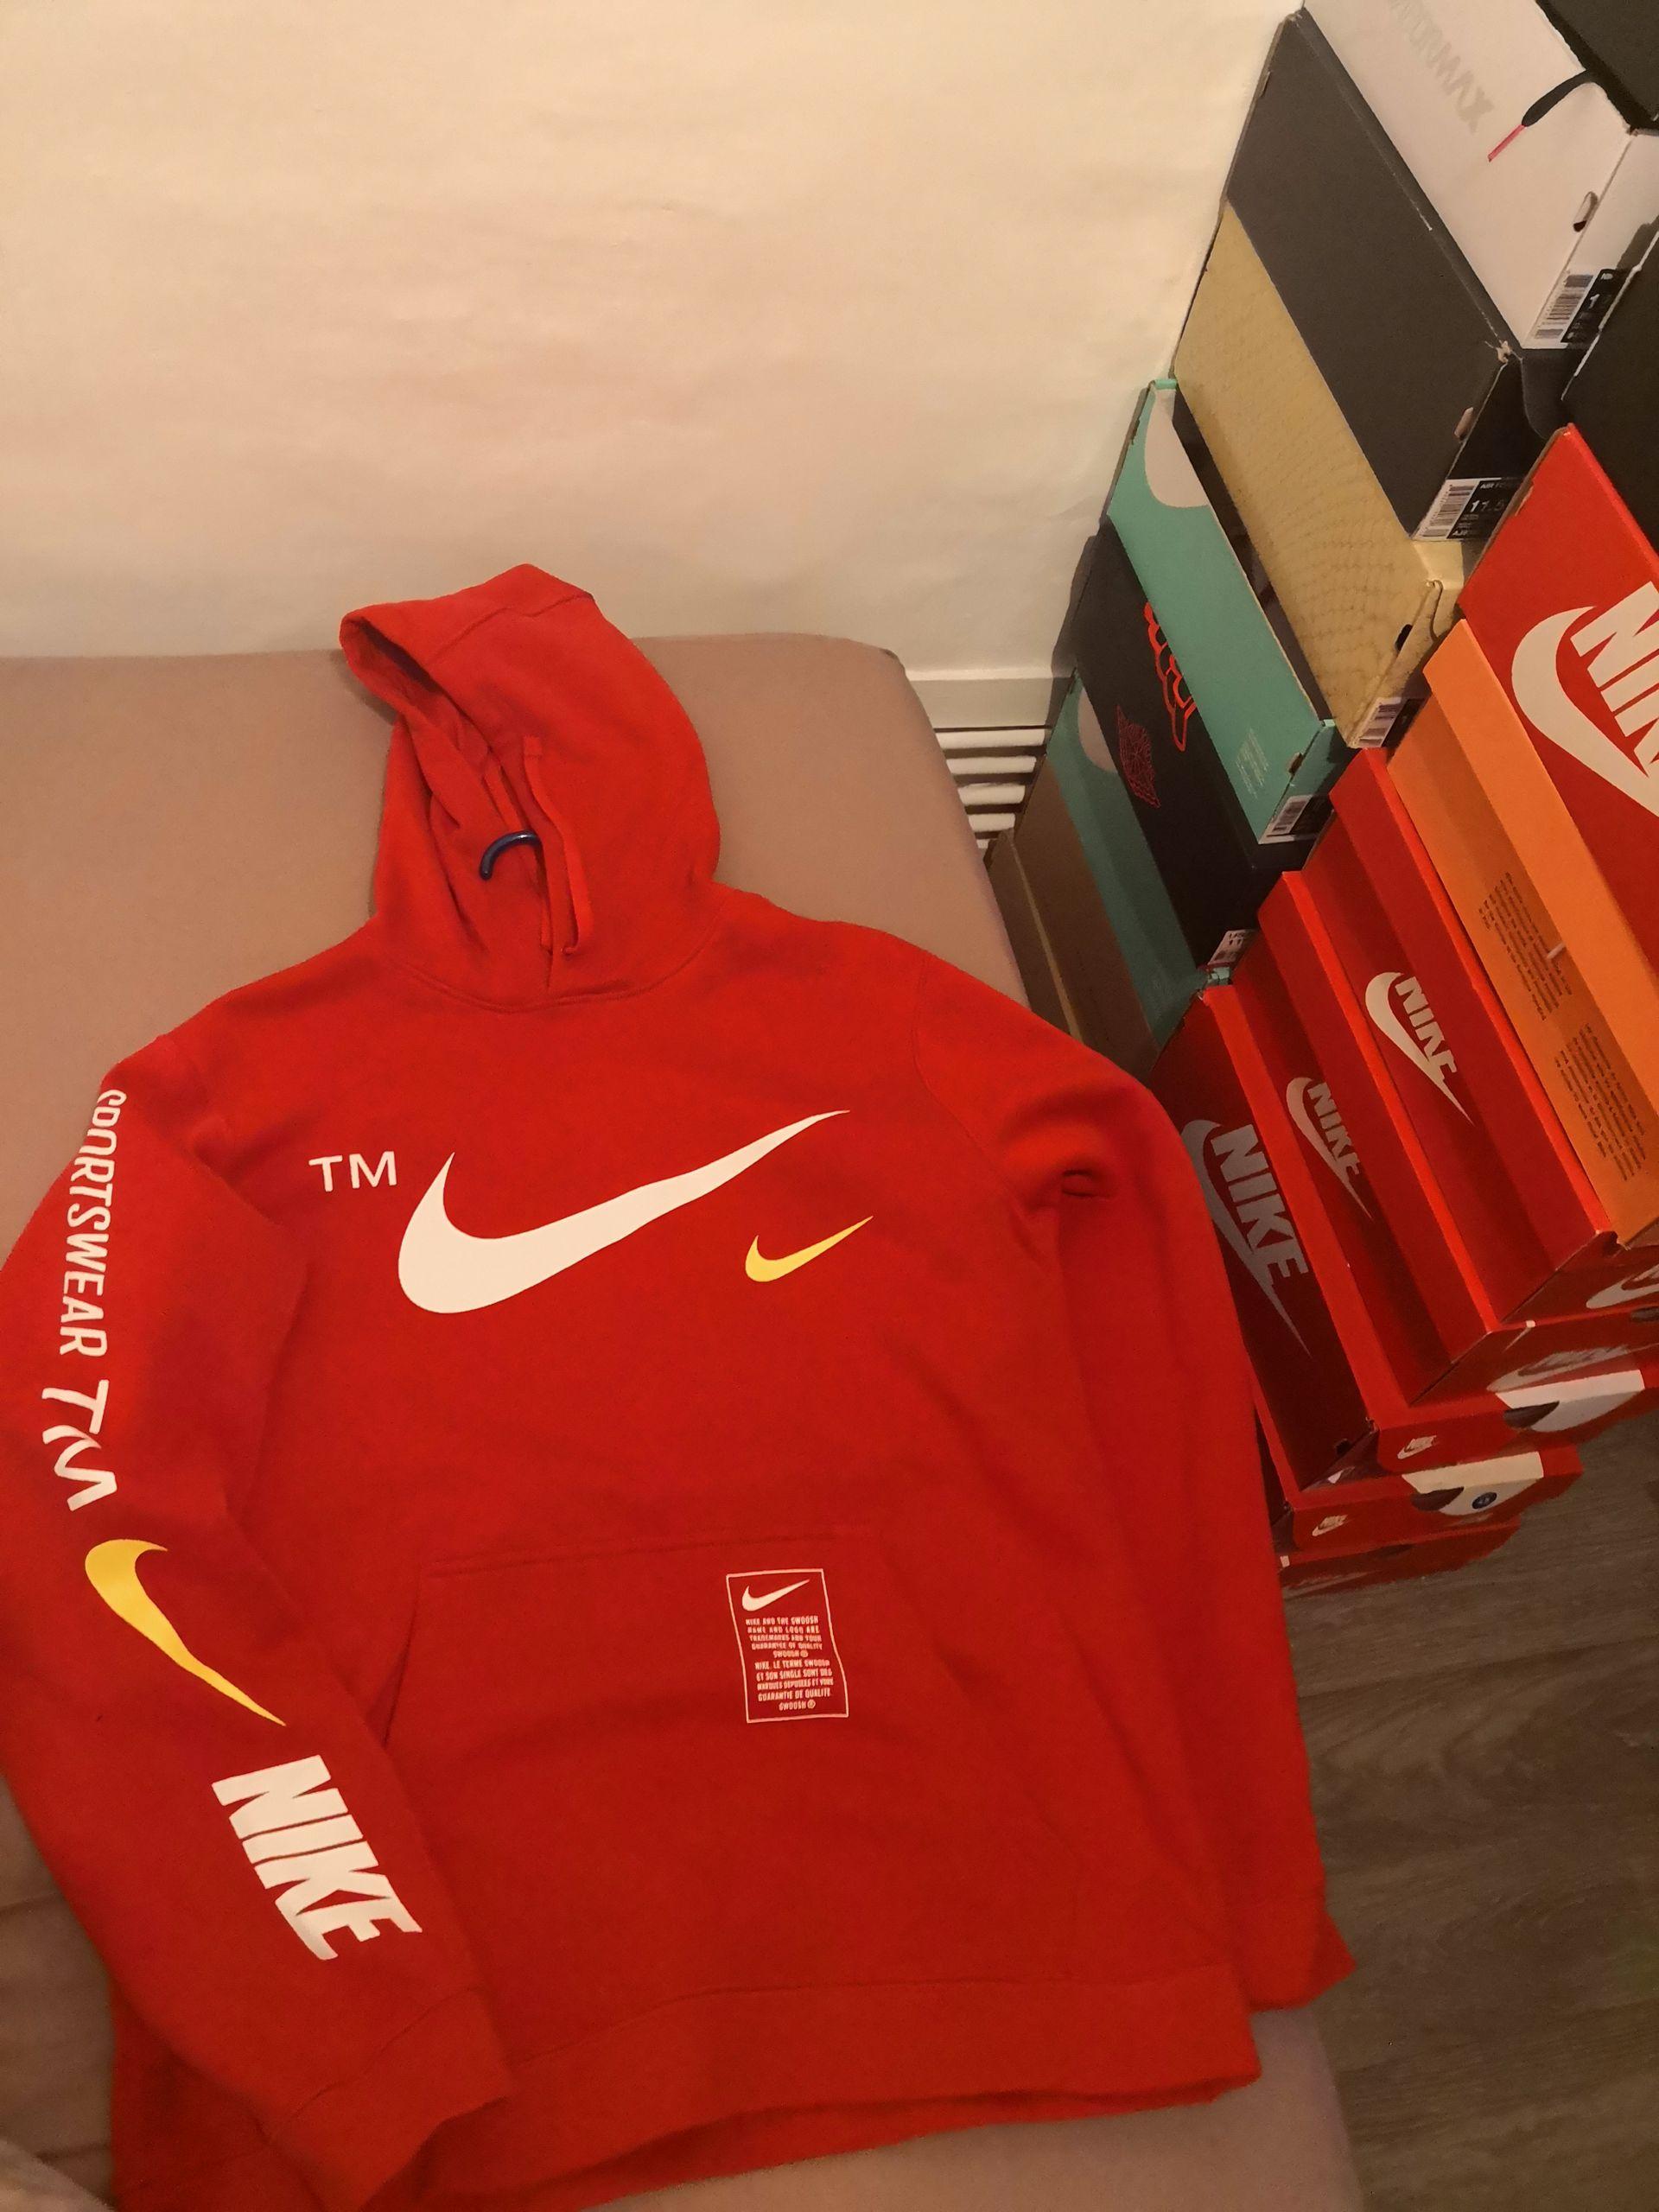 Sweat à capuche Nike Sportswear TM - Tailles M, L et XL - Nike Factory Honfleur Normandy Outlet (14)